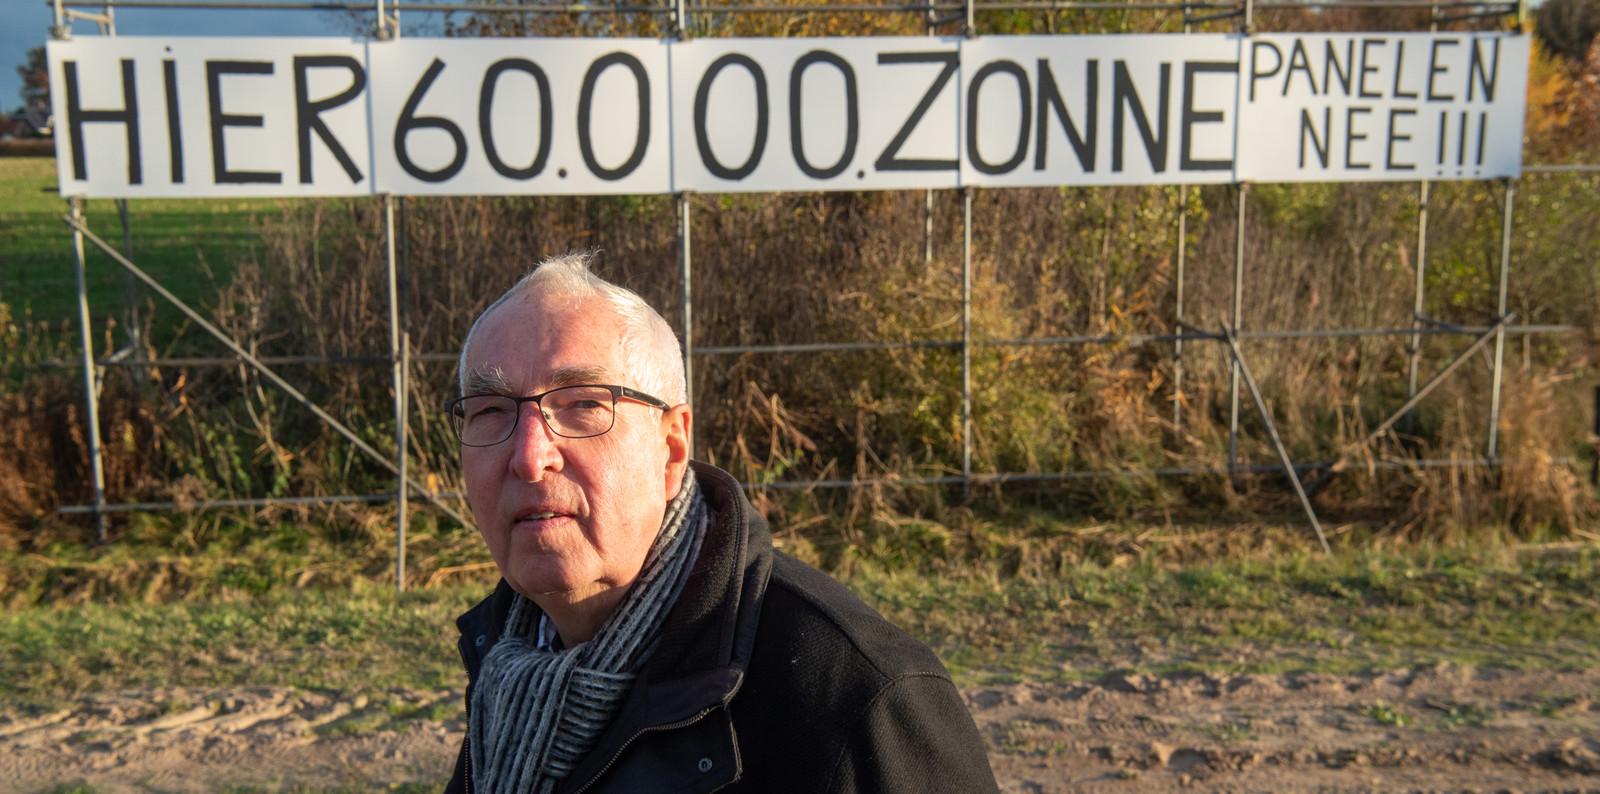 Jan Bruins is een van de bezwaarmakers tegen de aanleg van een 13 hectare groot zonnepark tussen het Baalderveld en de buurtschap Hoogenweg.